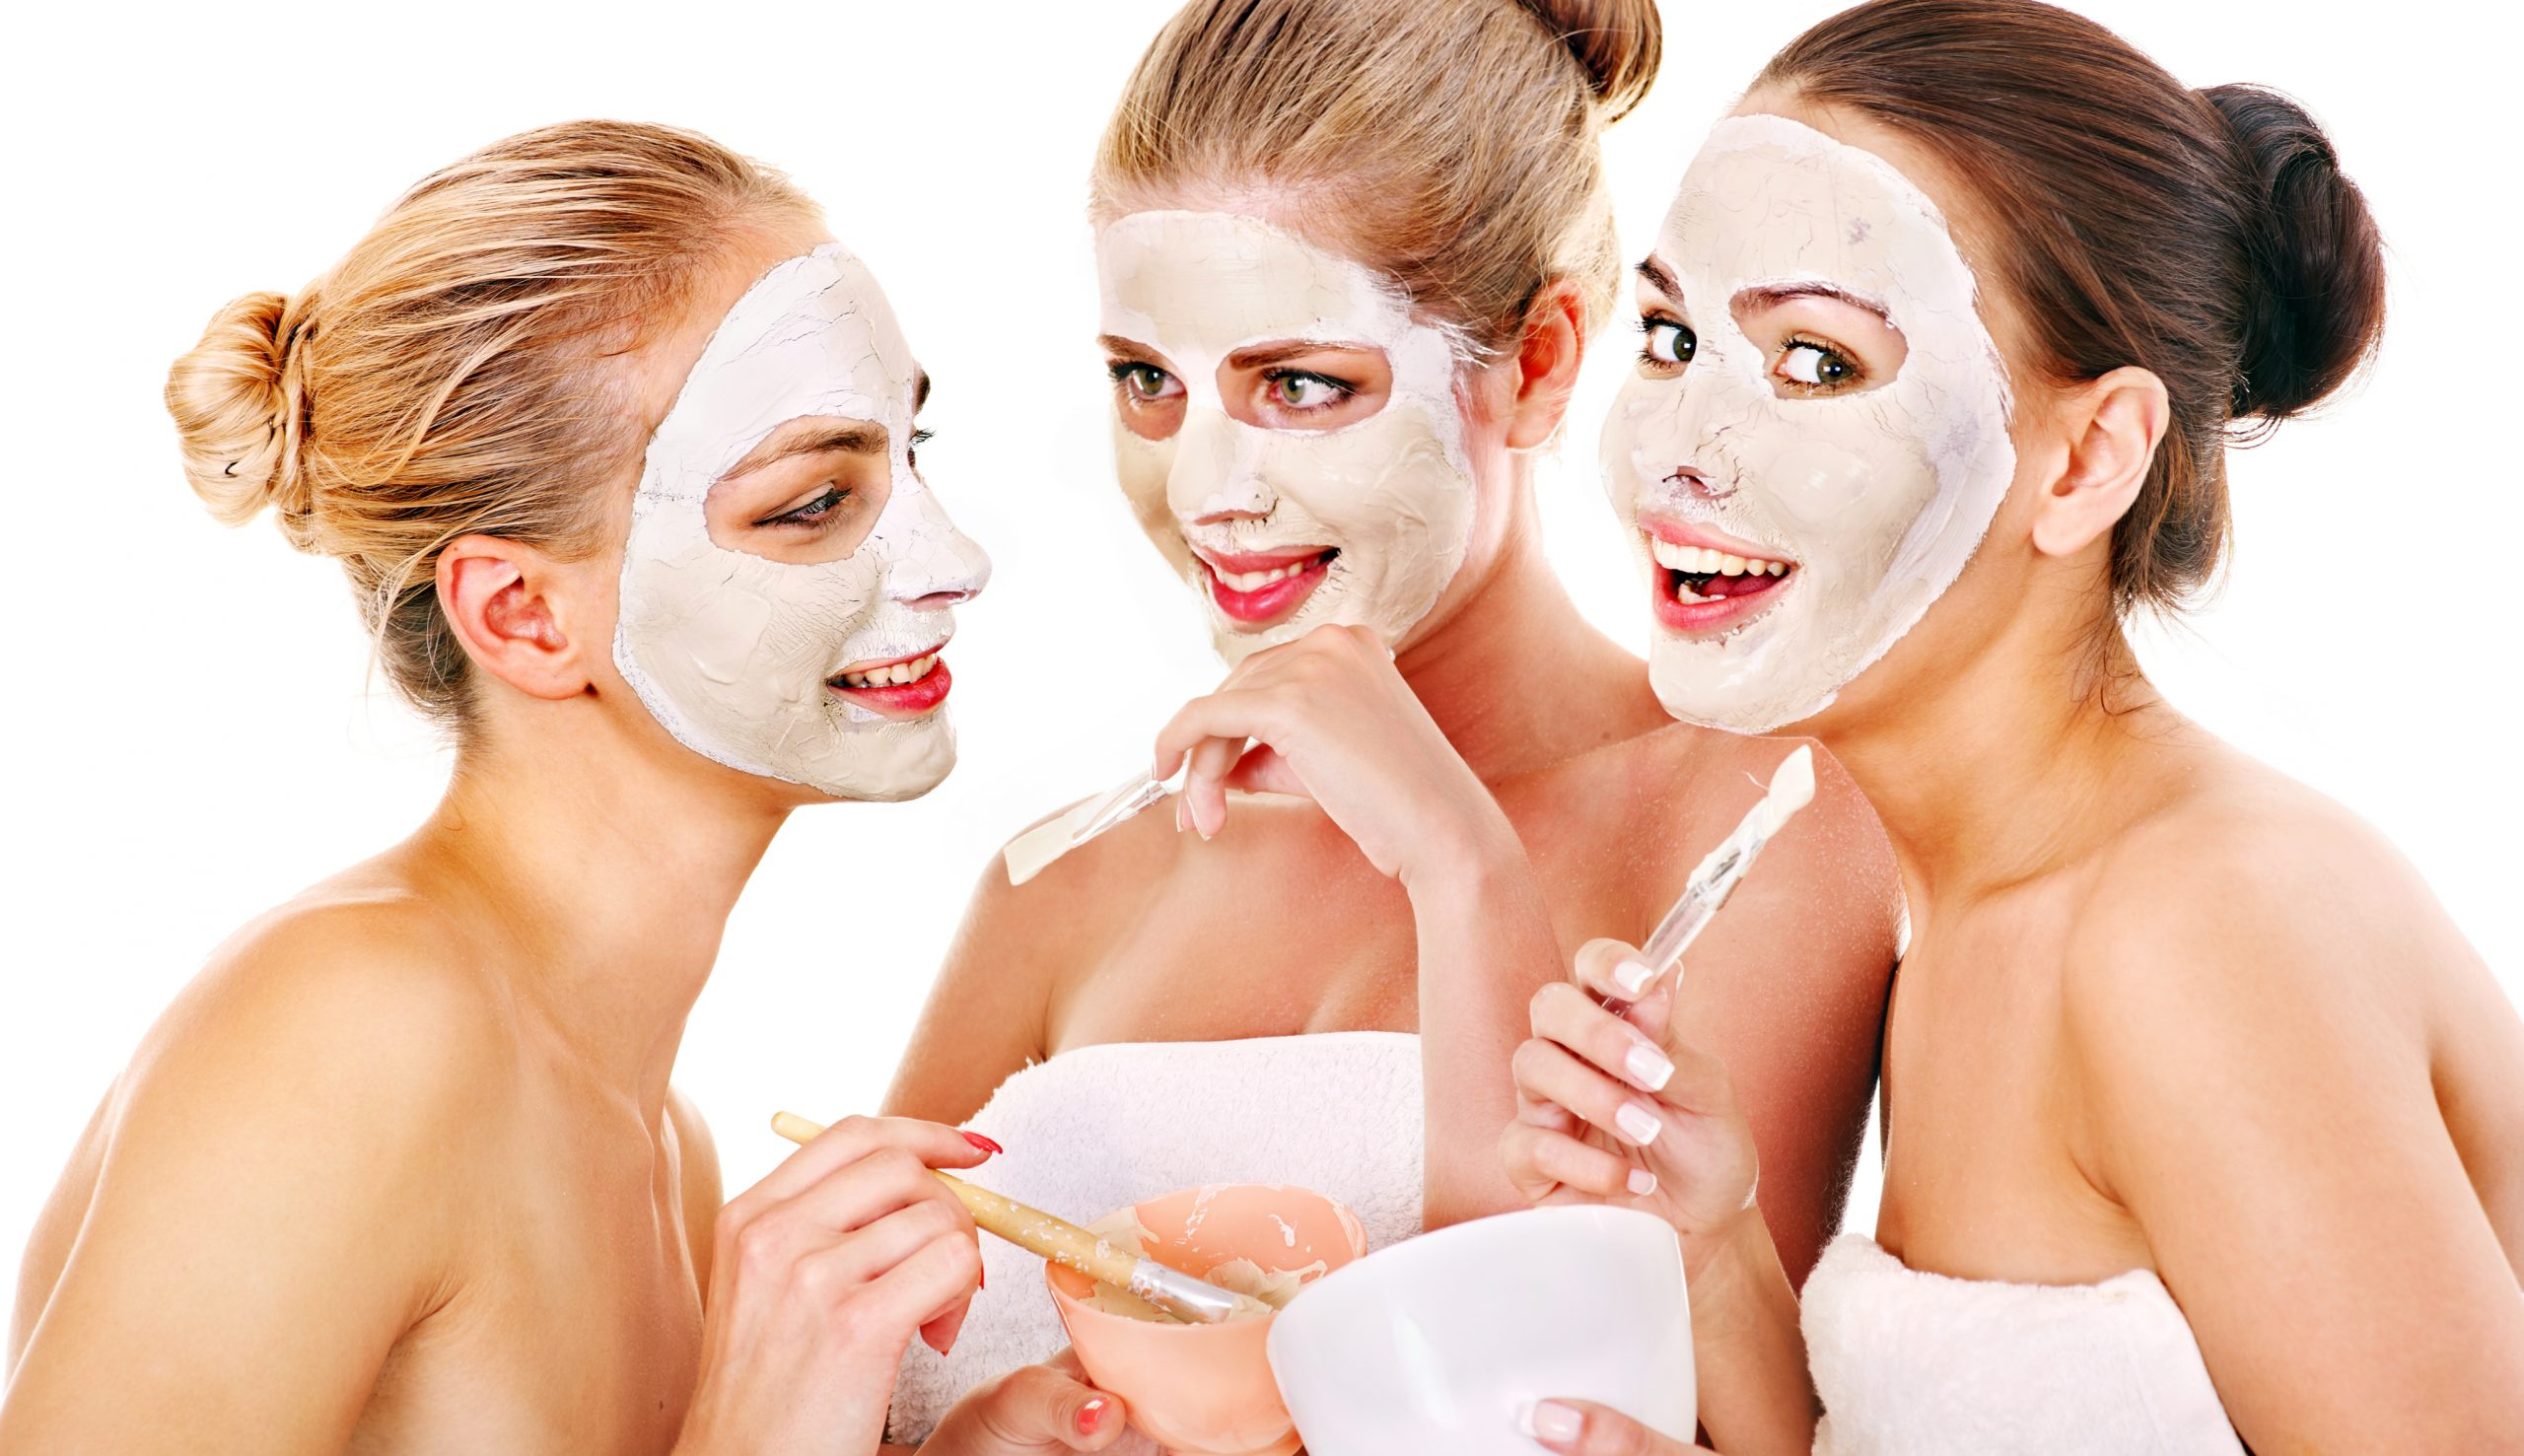 Jak gabinet kosmetyczny może się zabezpieczyć przed roszczeniami klientów?